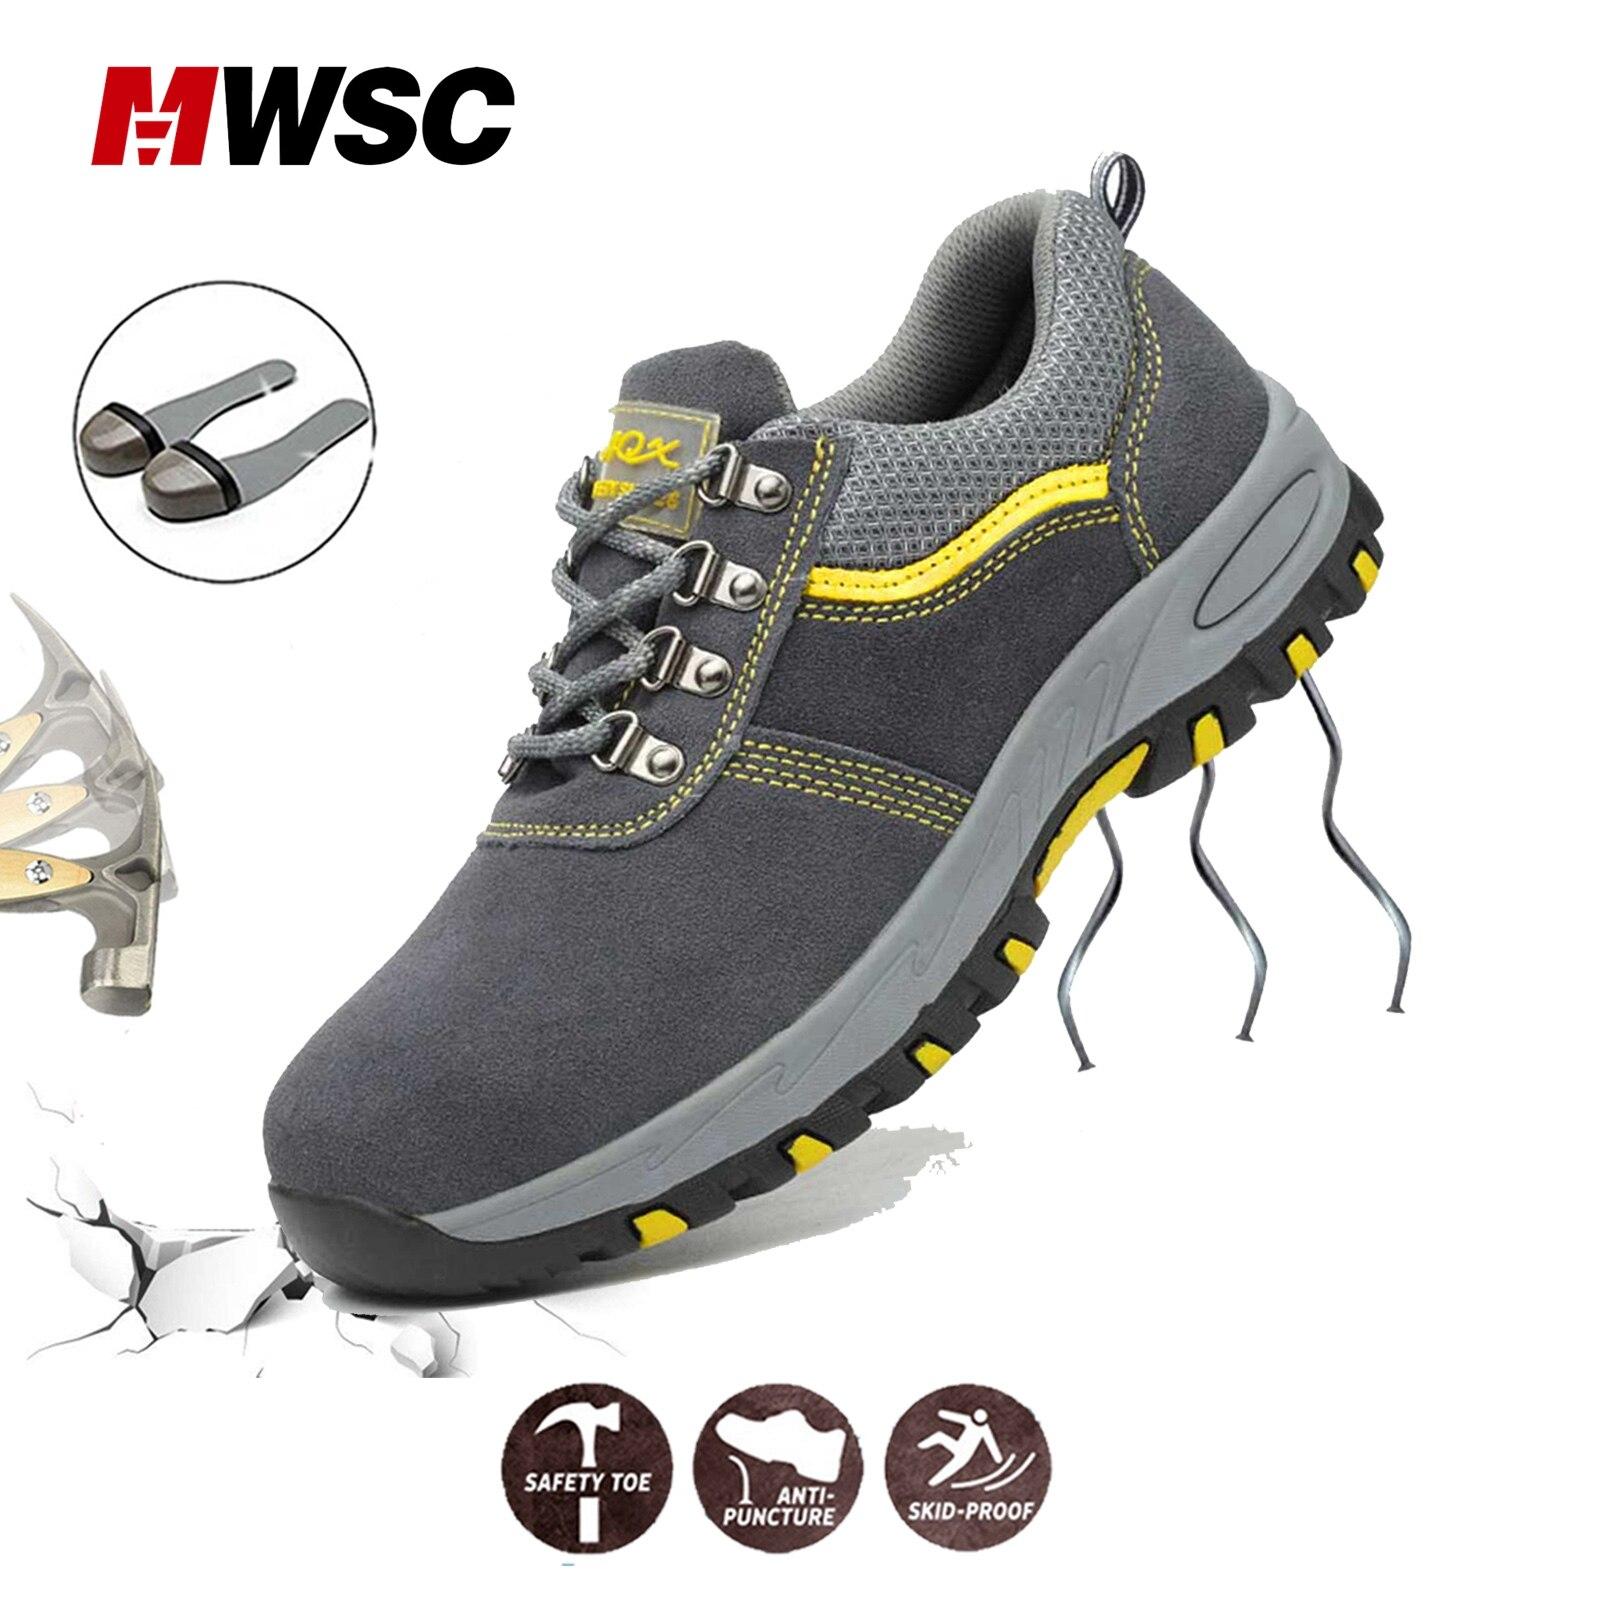 MWSC/Мужская безопасная обувь, ботинки для работы со стальным закругленным носком, защитные ботинки до лодыжки для мужчин